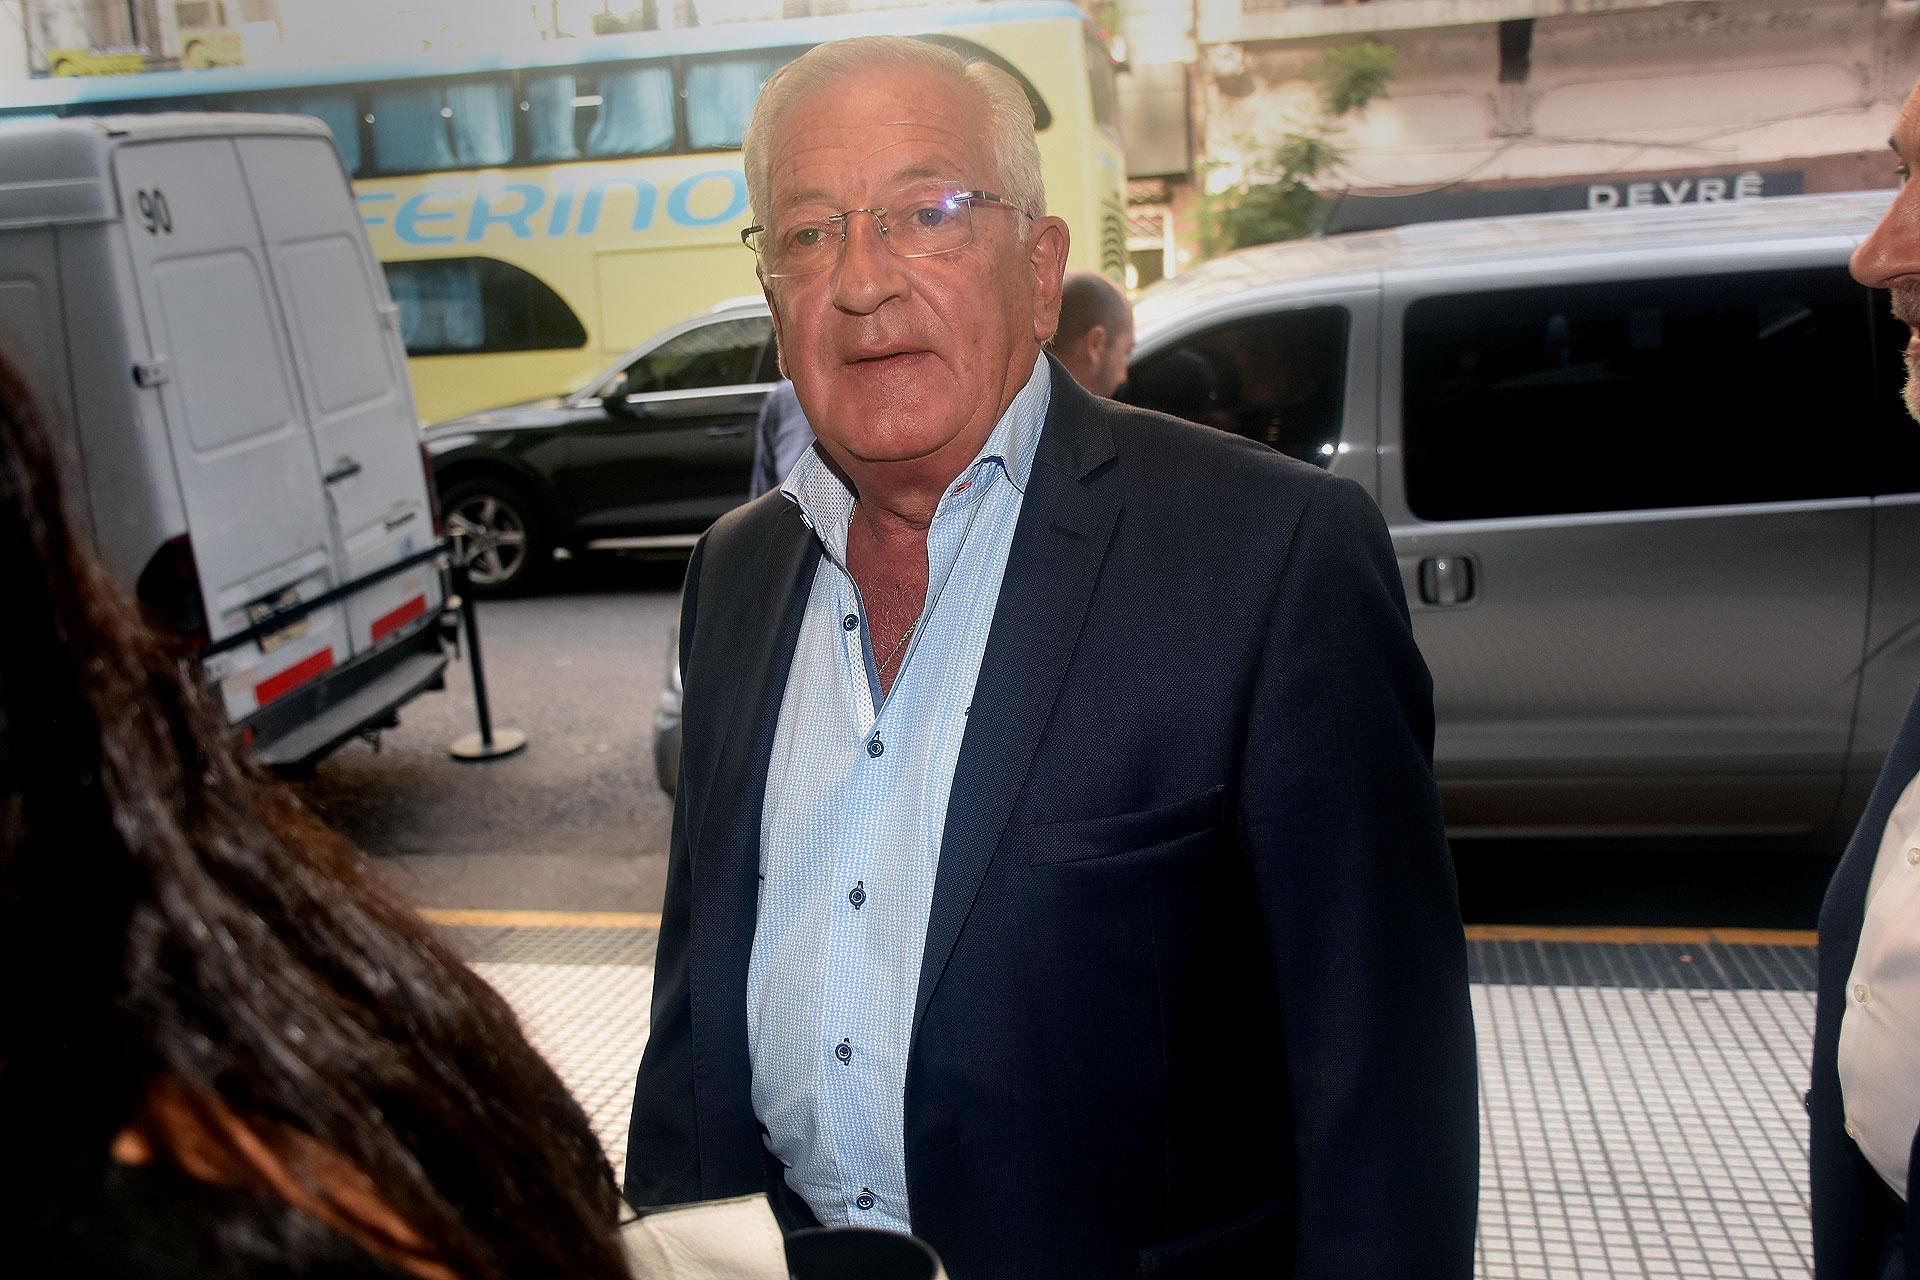 El ex gobernador de Jujuy Eduardo Fellner